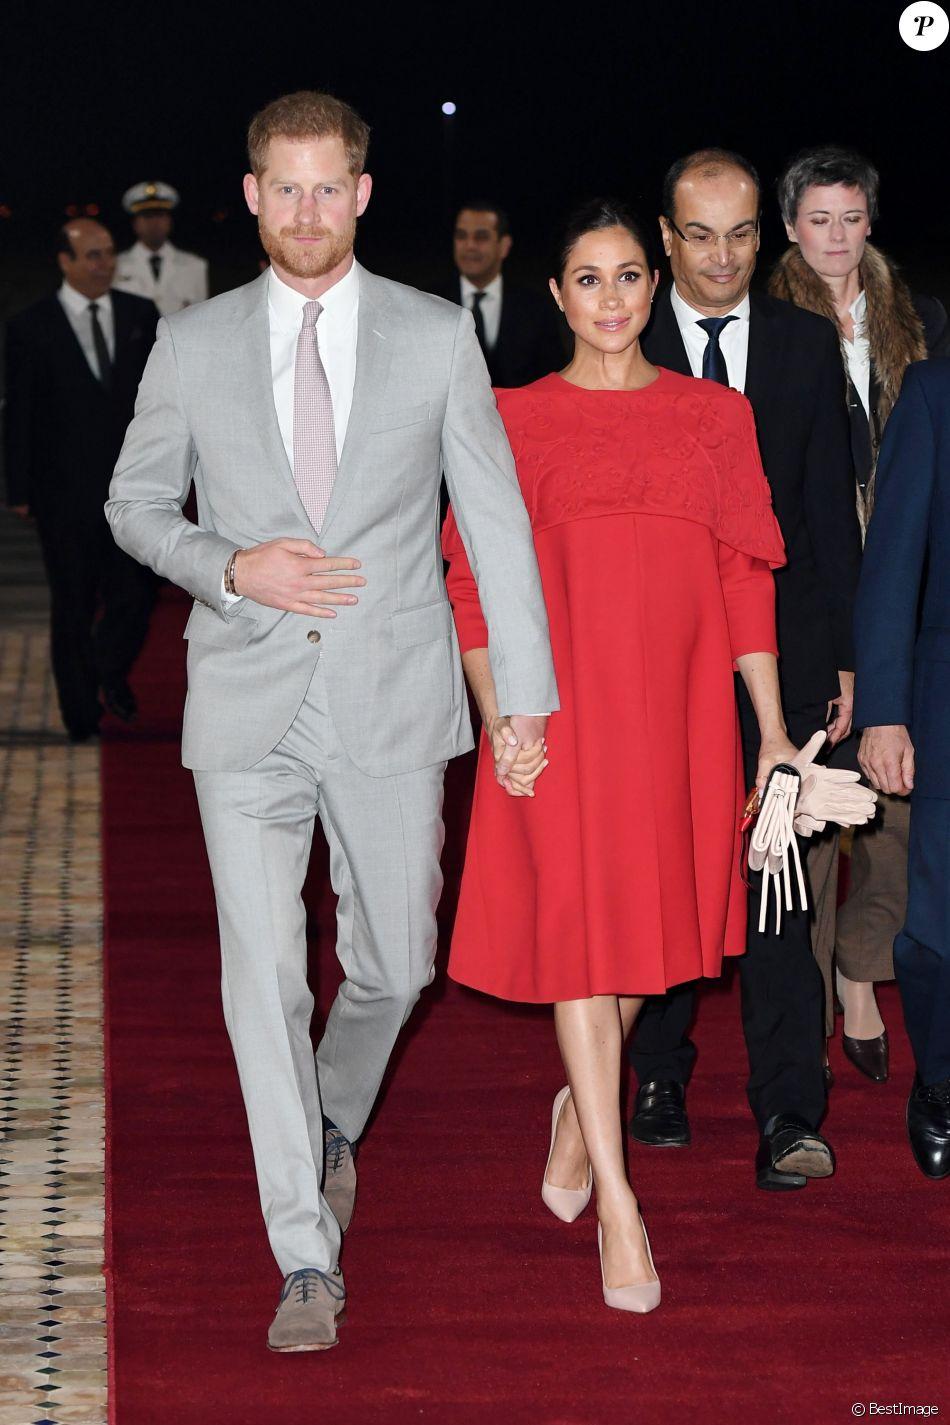 Le prince Harry, duc de Sussex, et Meghan Markle, duchesse de Sussex, enceinte, arrivent à l'aéroport de Casablanca dans le cadre de leur voyage officiel au Maroc, le 23 février 2019.